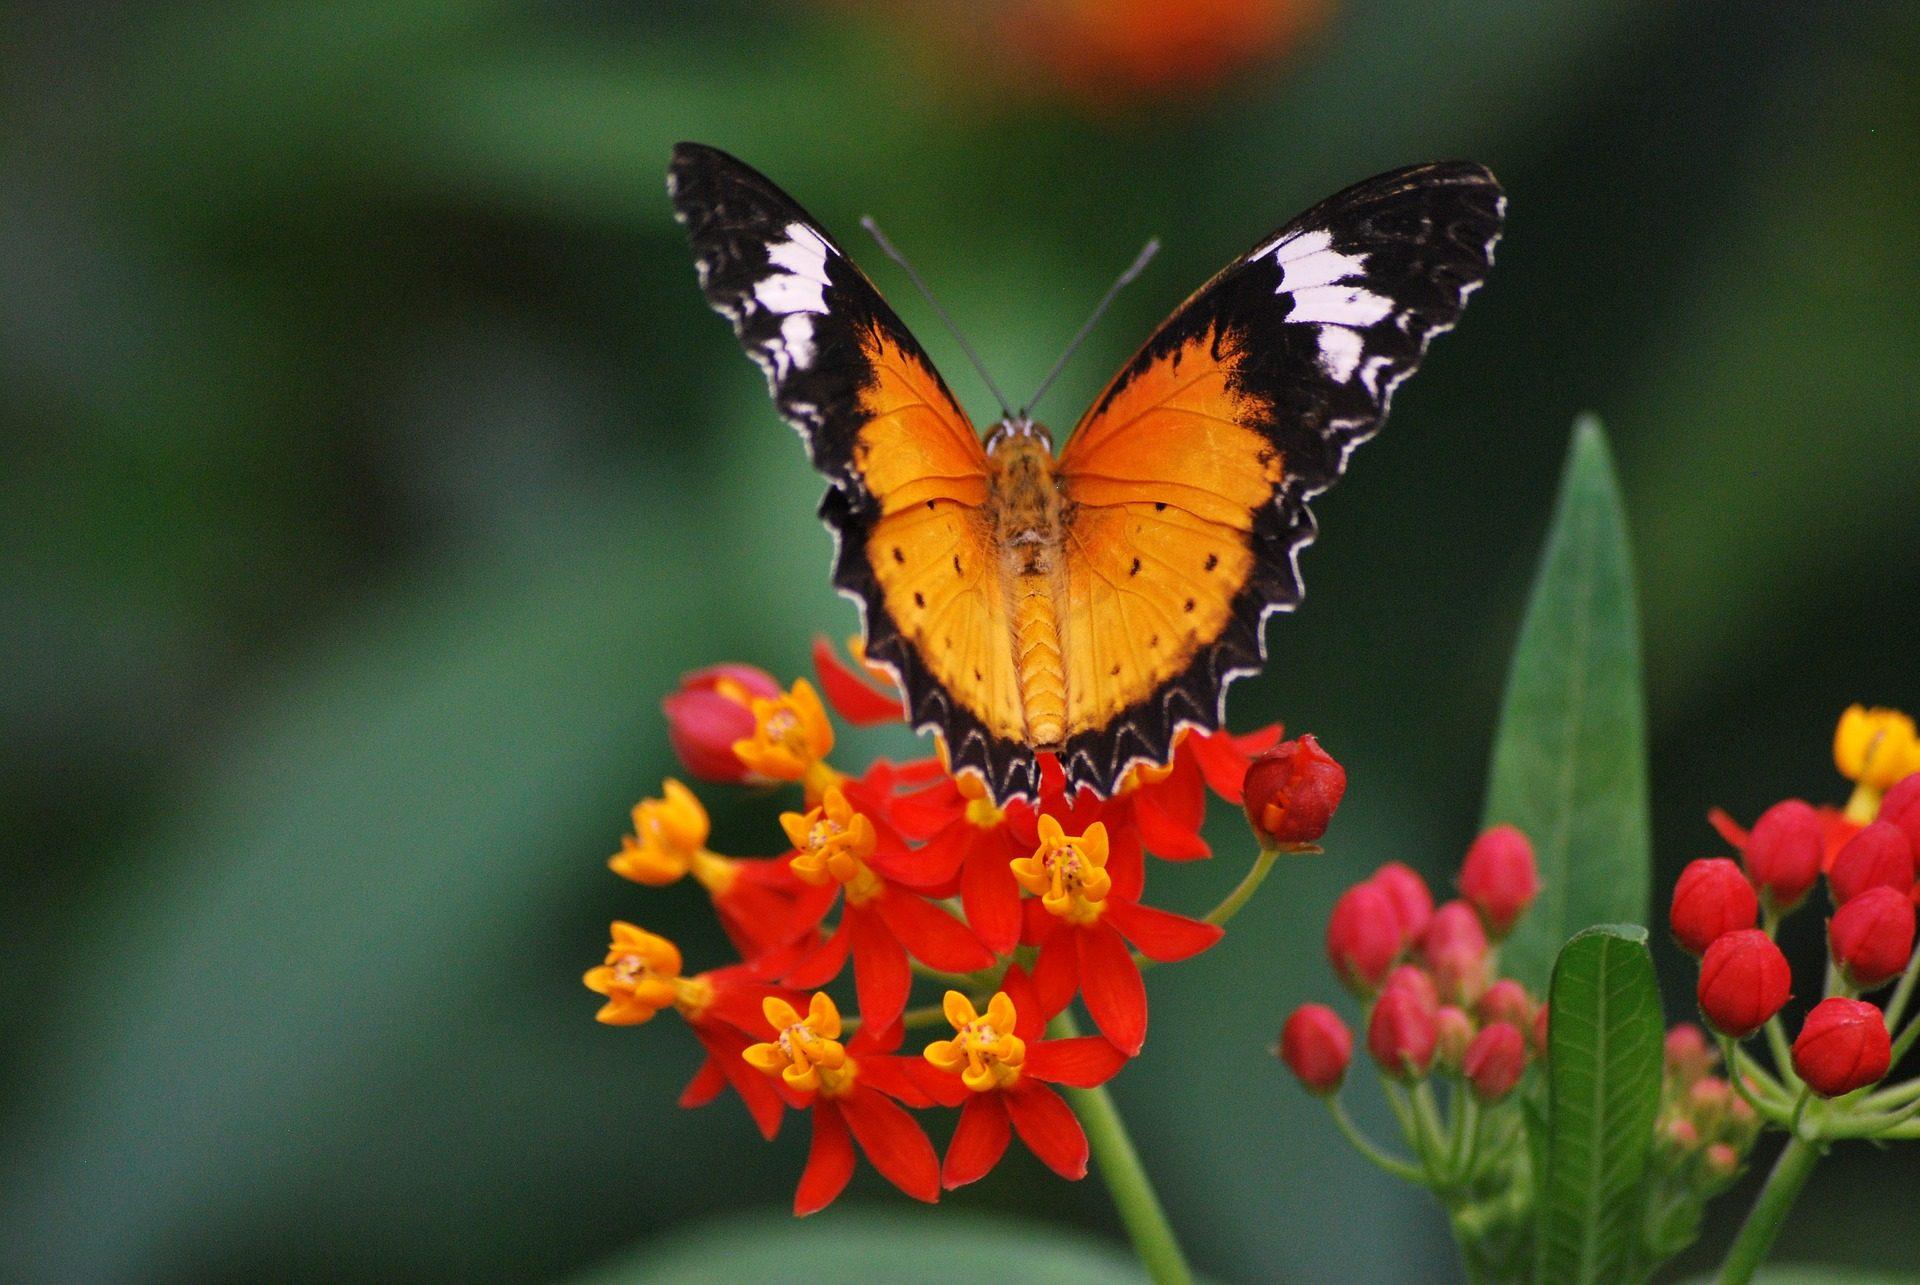 Πεταλούδα, λουλούδι, ,πέταλα, έντομο, φτερά, πολύχρωμο - Wallpapers HD - Professor-falken.com